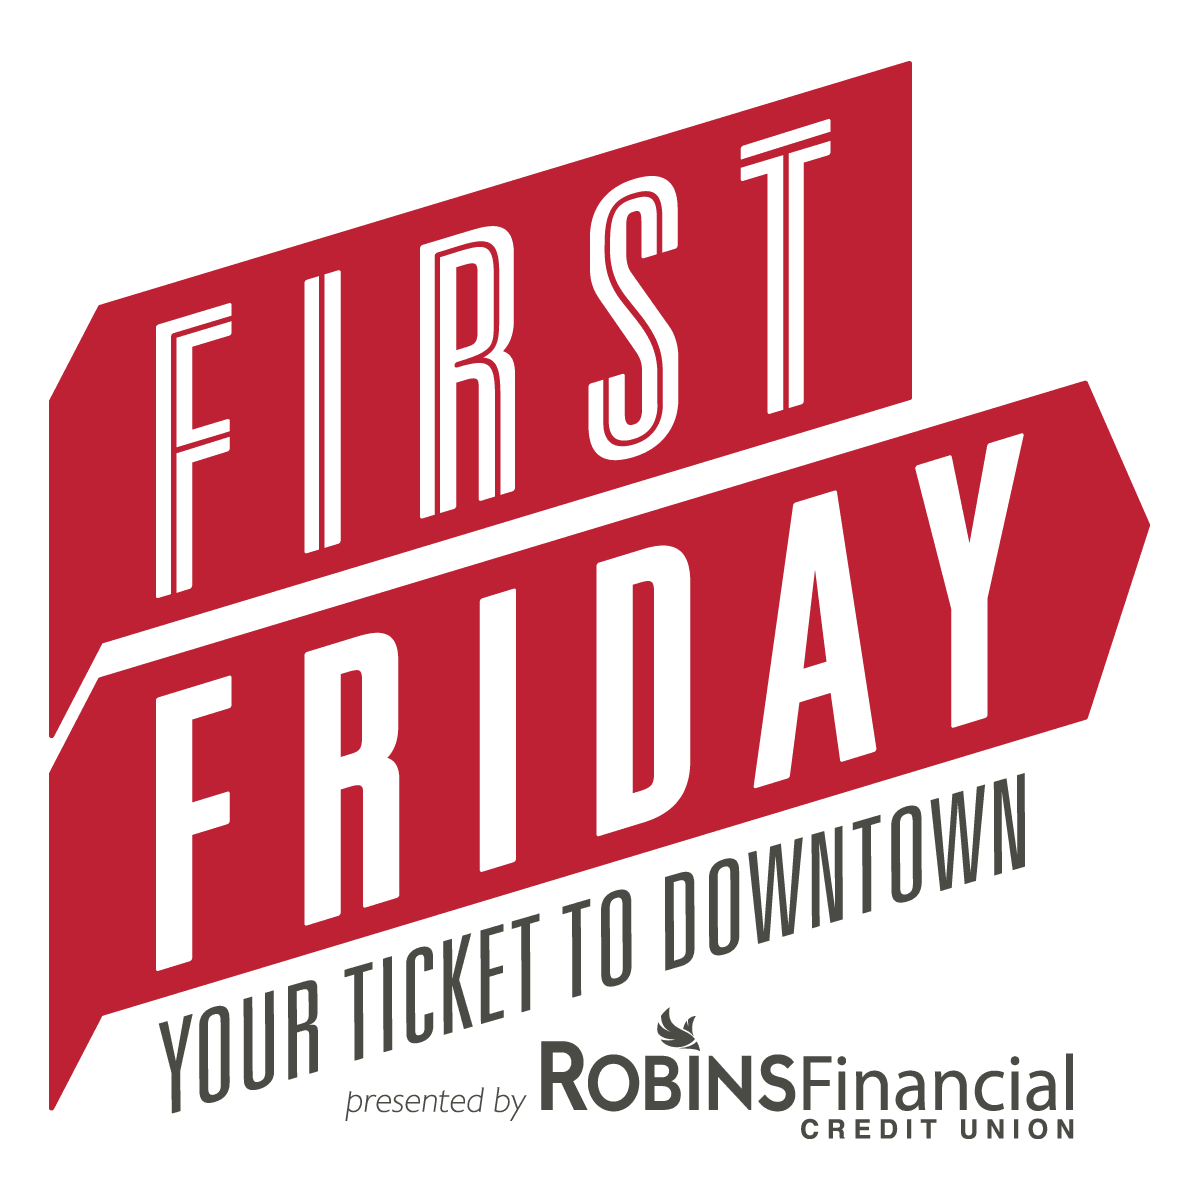 FirstFridayLogo_RGB-RFCU-2Clr-2021